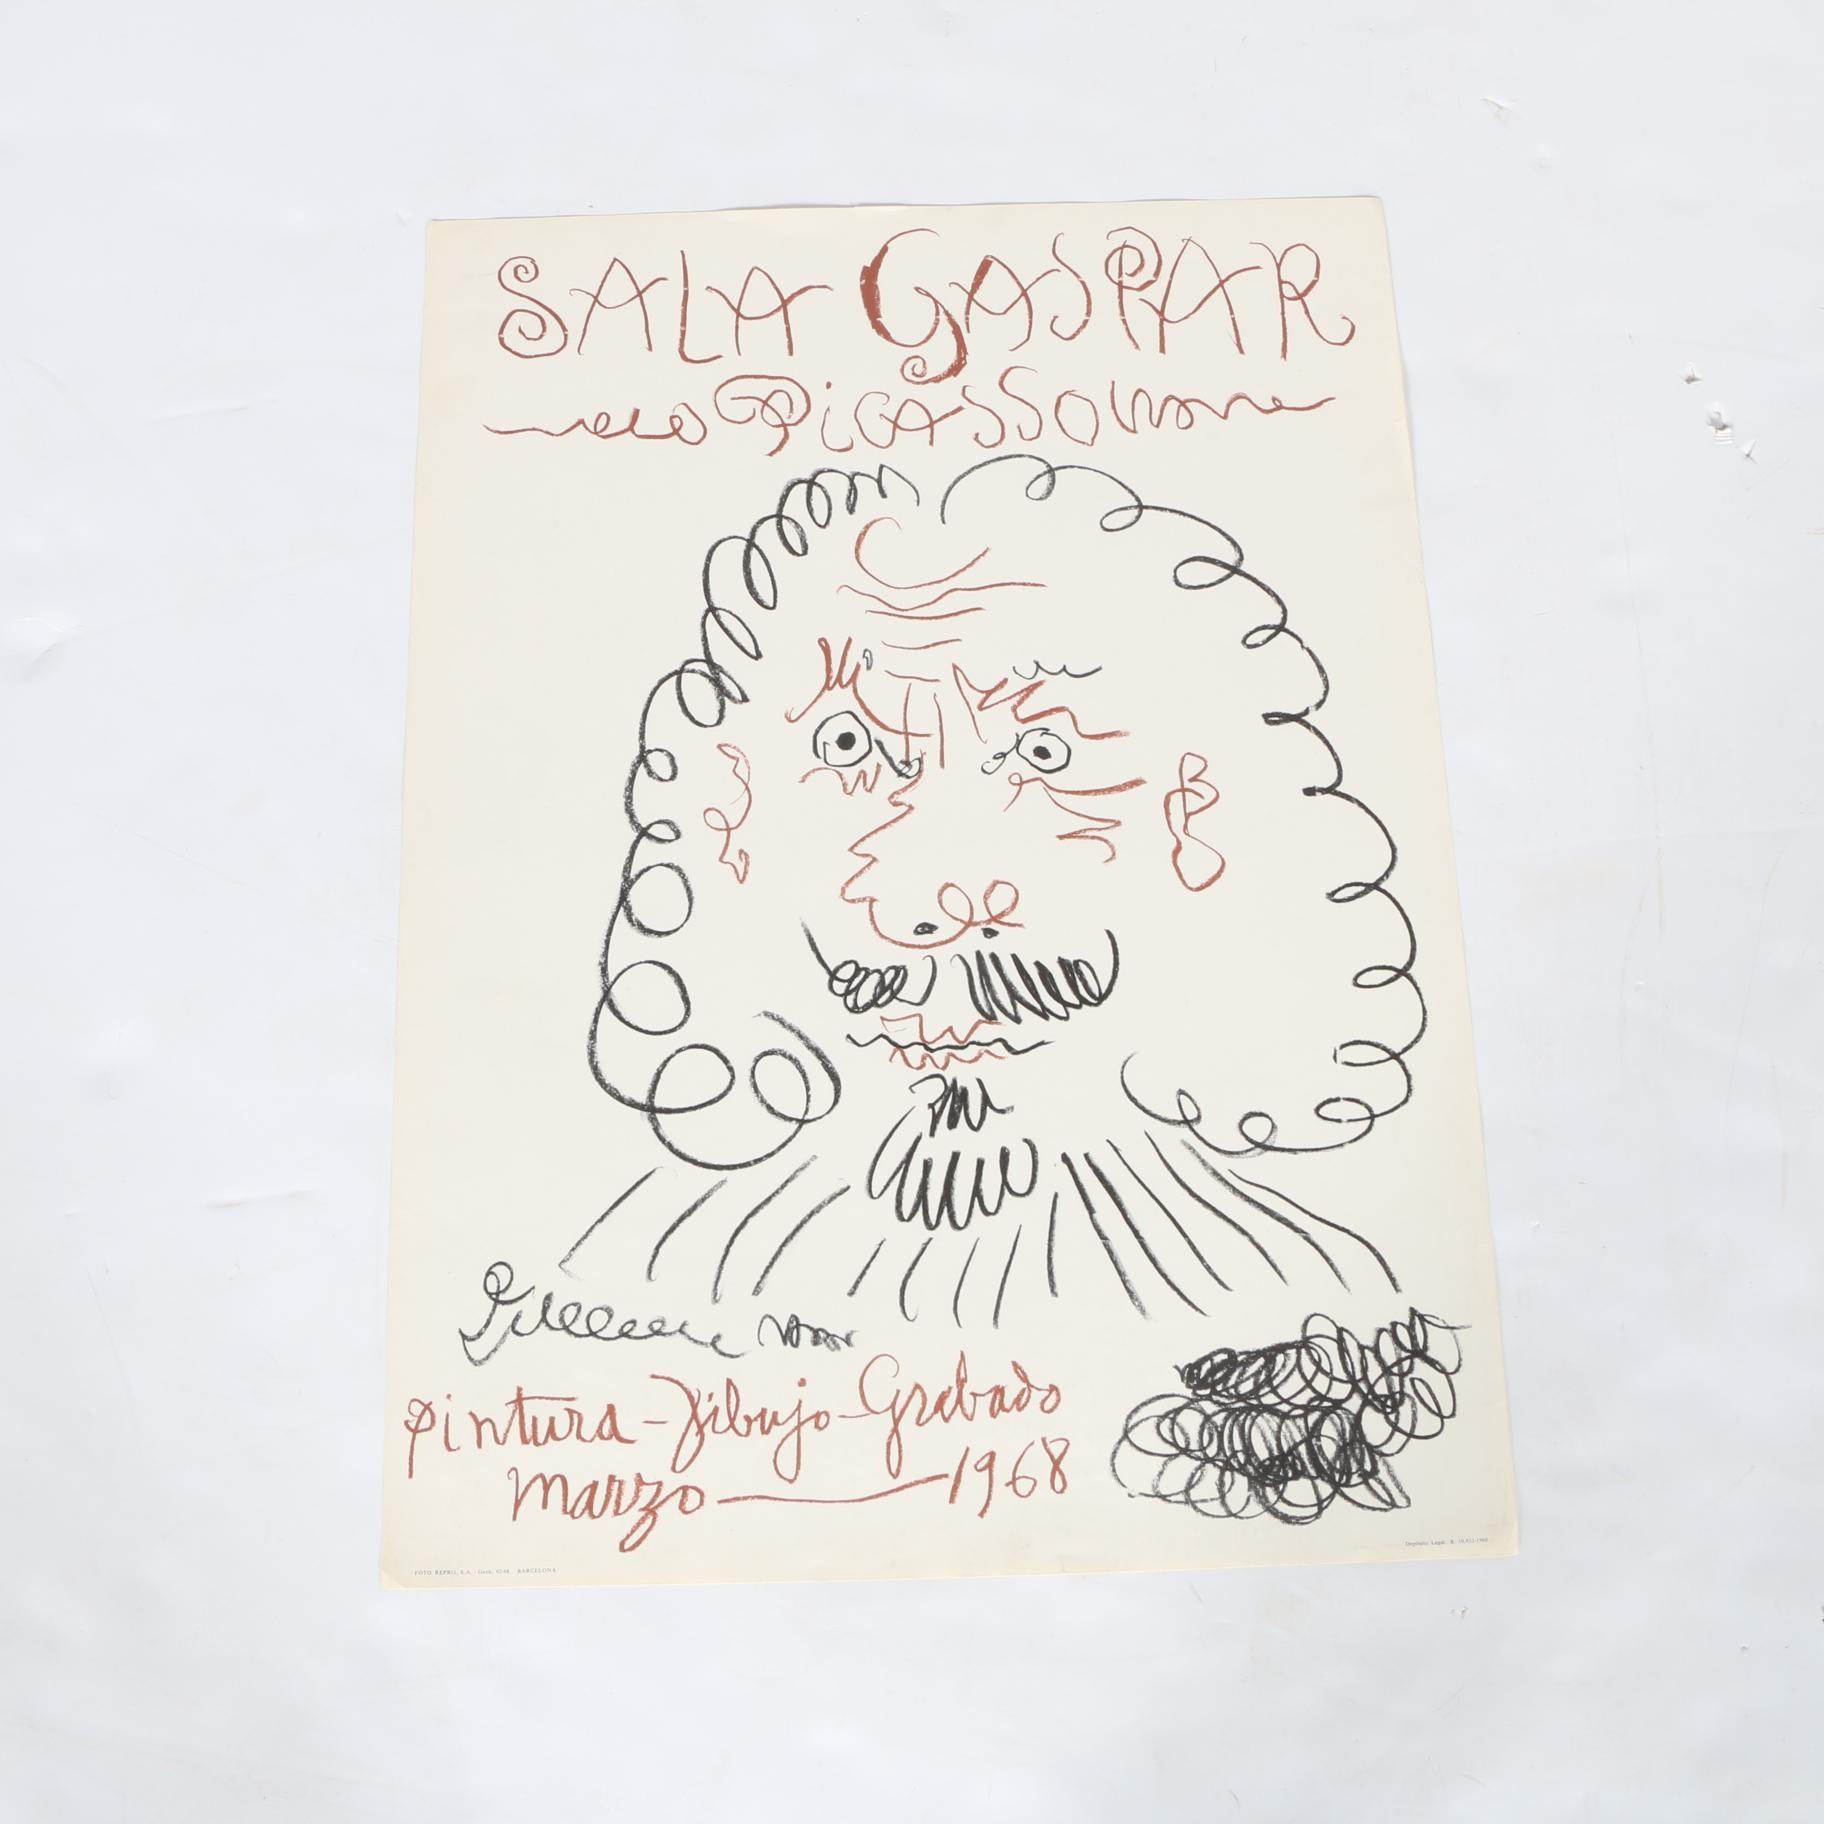 """1968 Pablo Picasso Exhibition """"Sala Gaspar"""" Halftone Reproduction Print"""